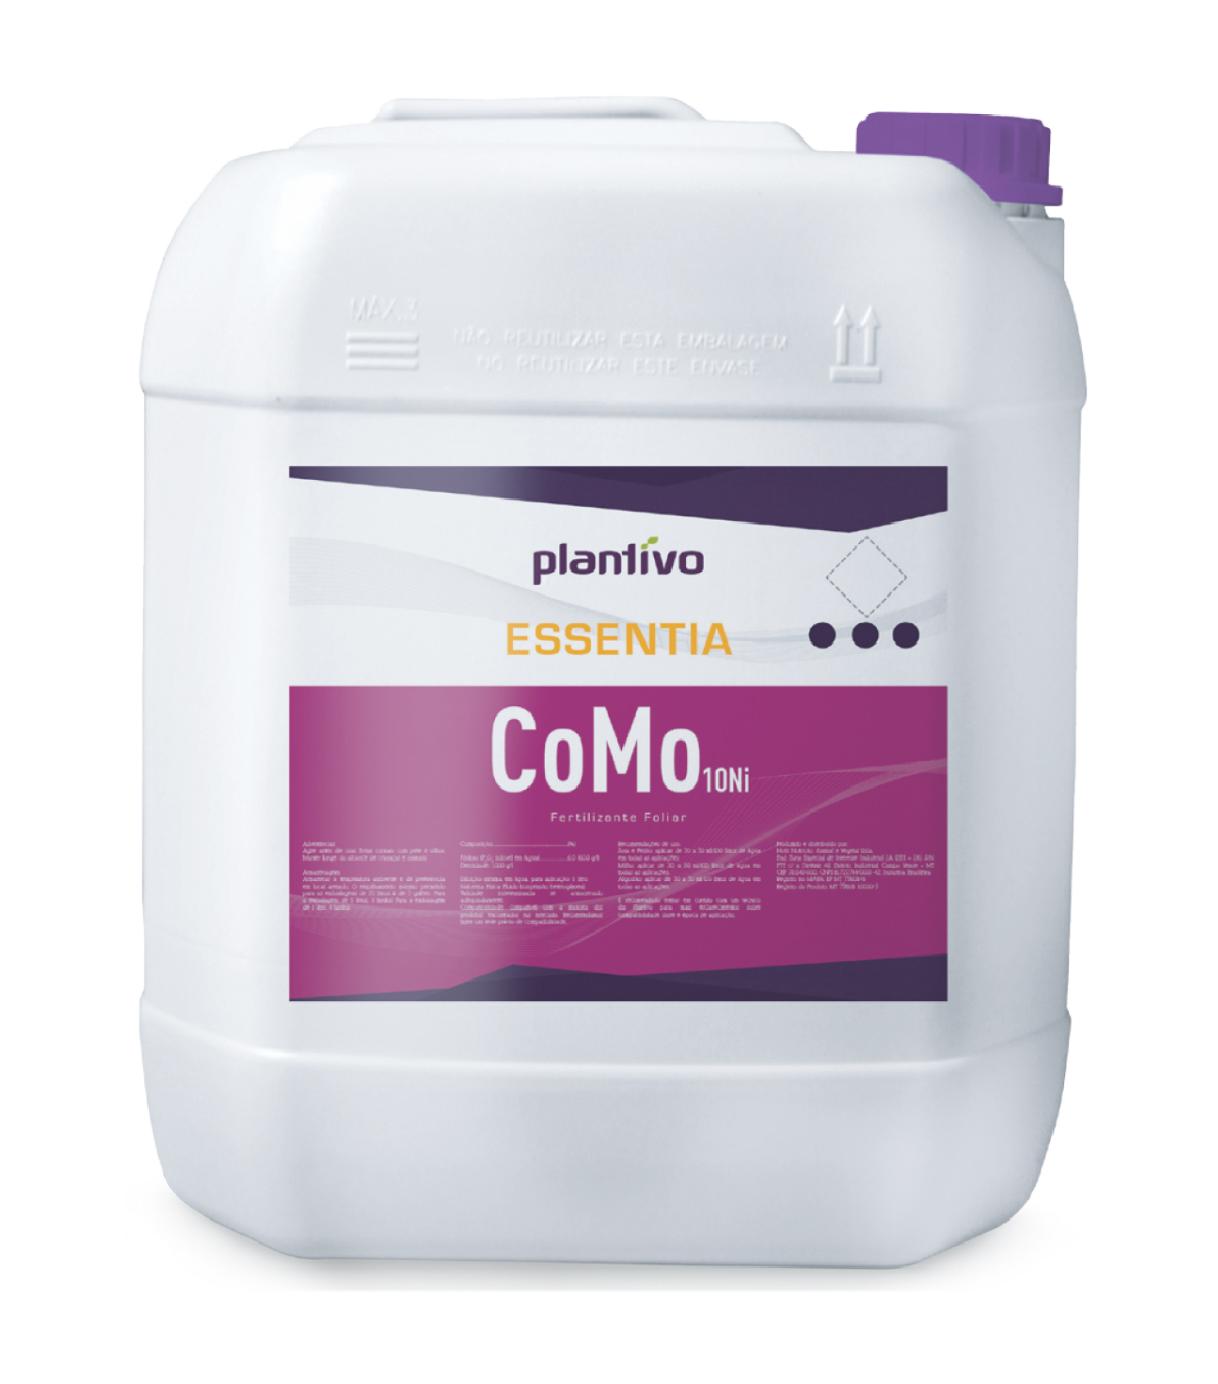 CoMo10Ni